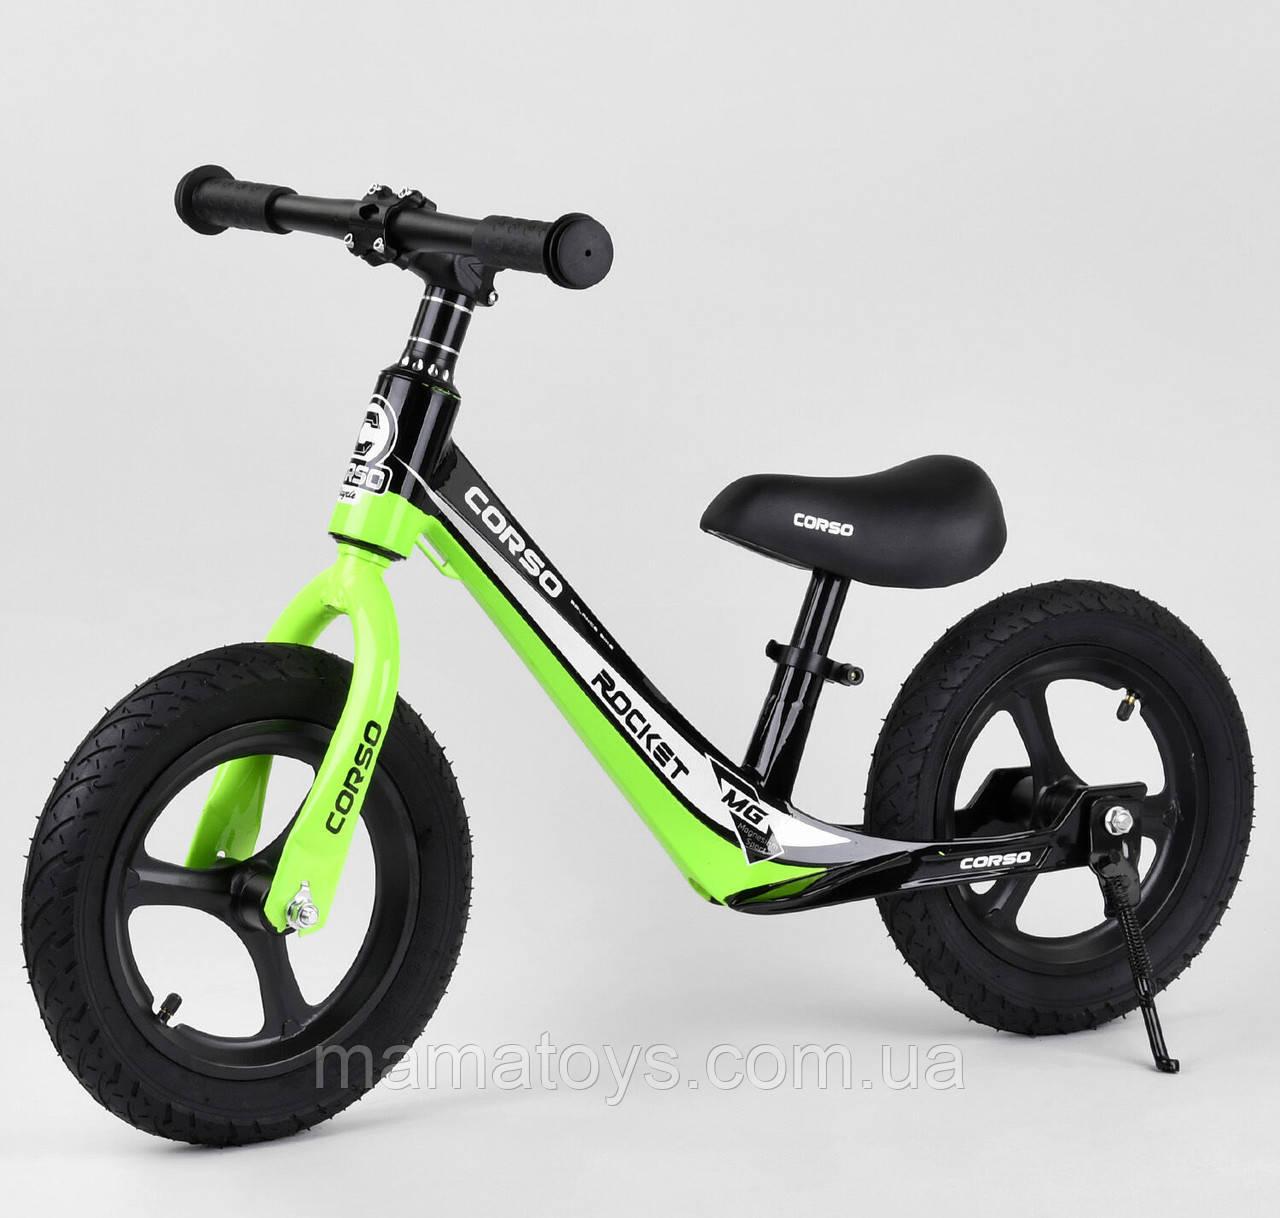 """Велобег 12 """"Corso 14452 Зелений, Магнієва рама і кермо, Надувні колеса, Підніжка"""